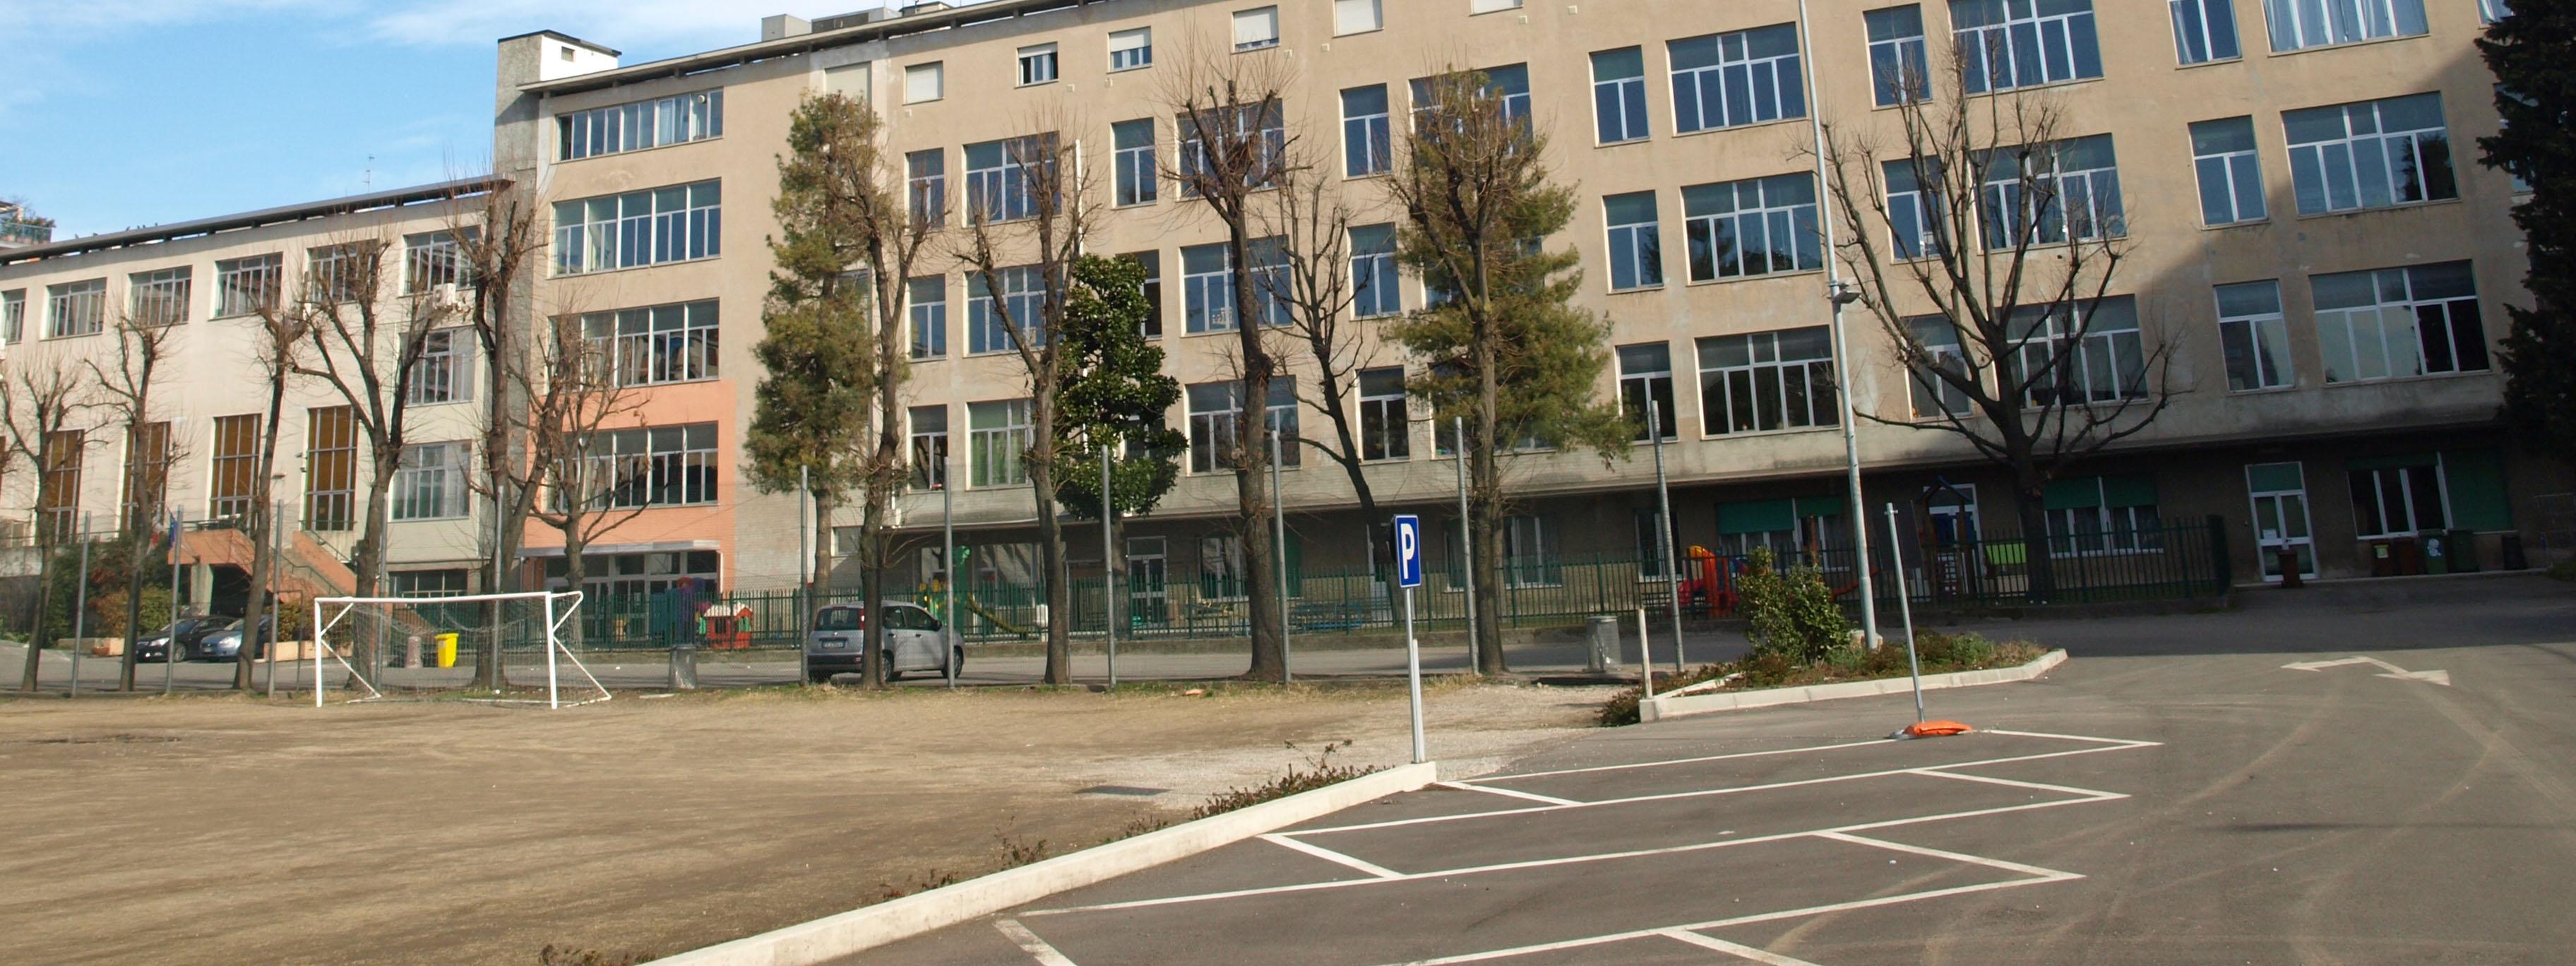 Istituto San Giuseppe La Salle Milano Parcheggio_Head